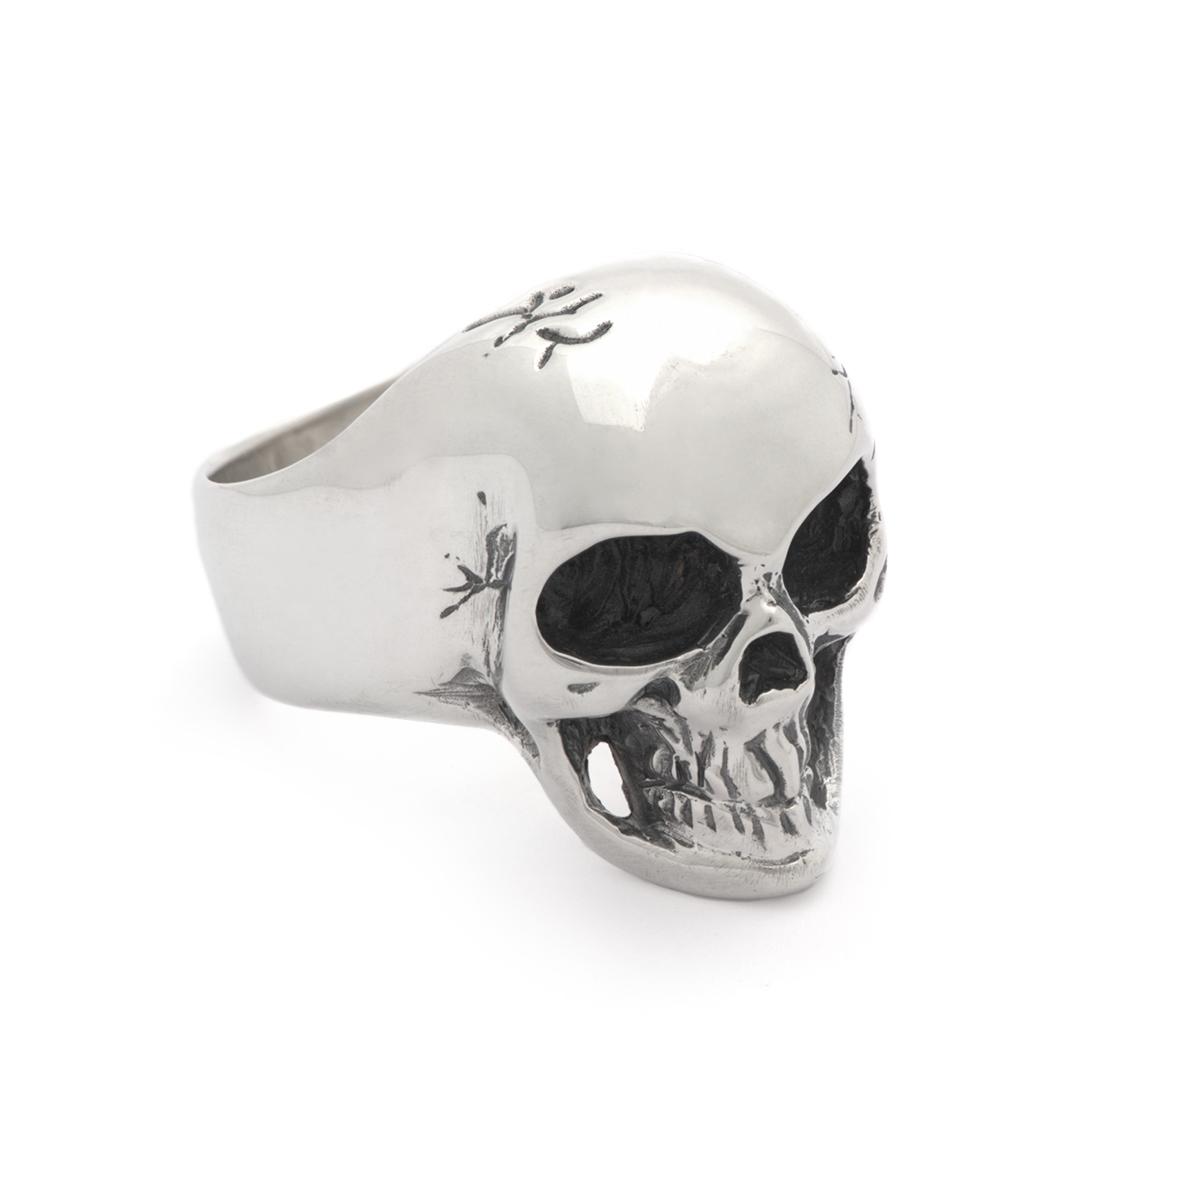 ga_ri_skull-ring_01.jpg